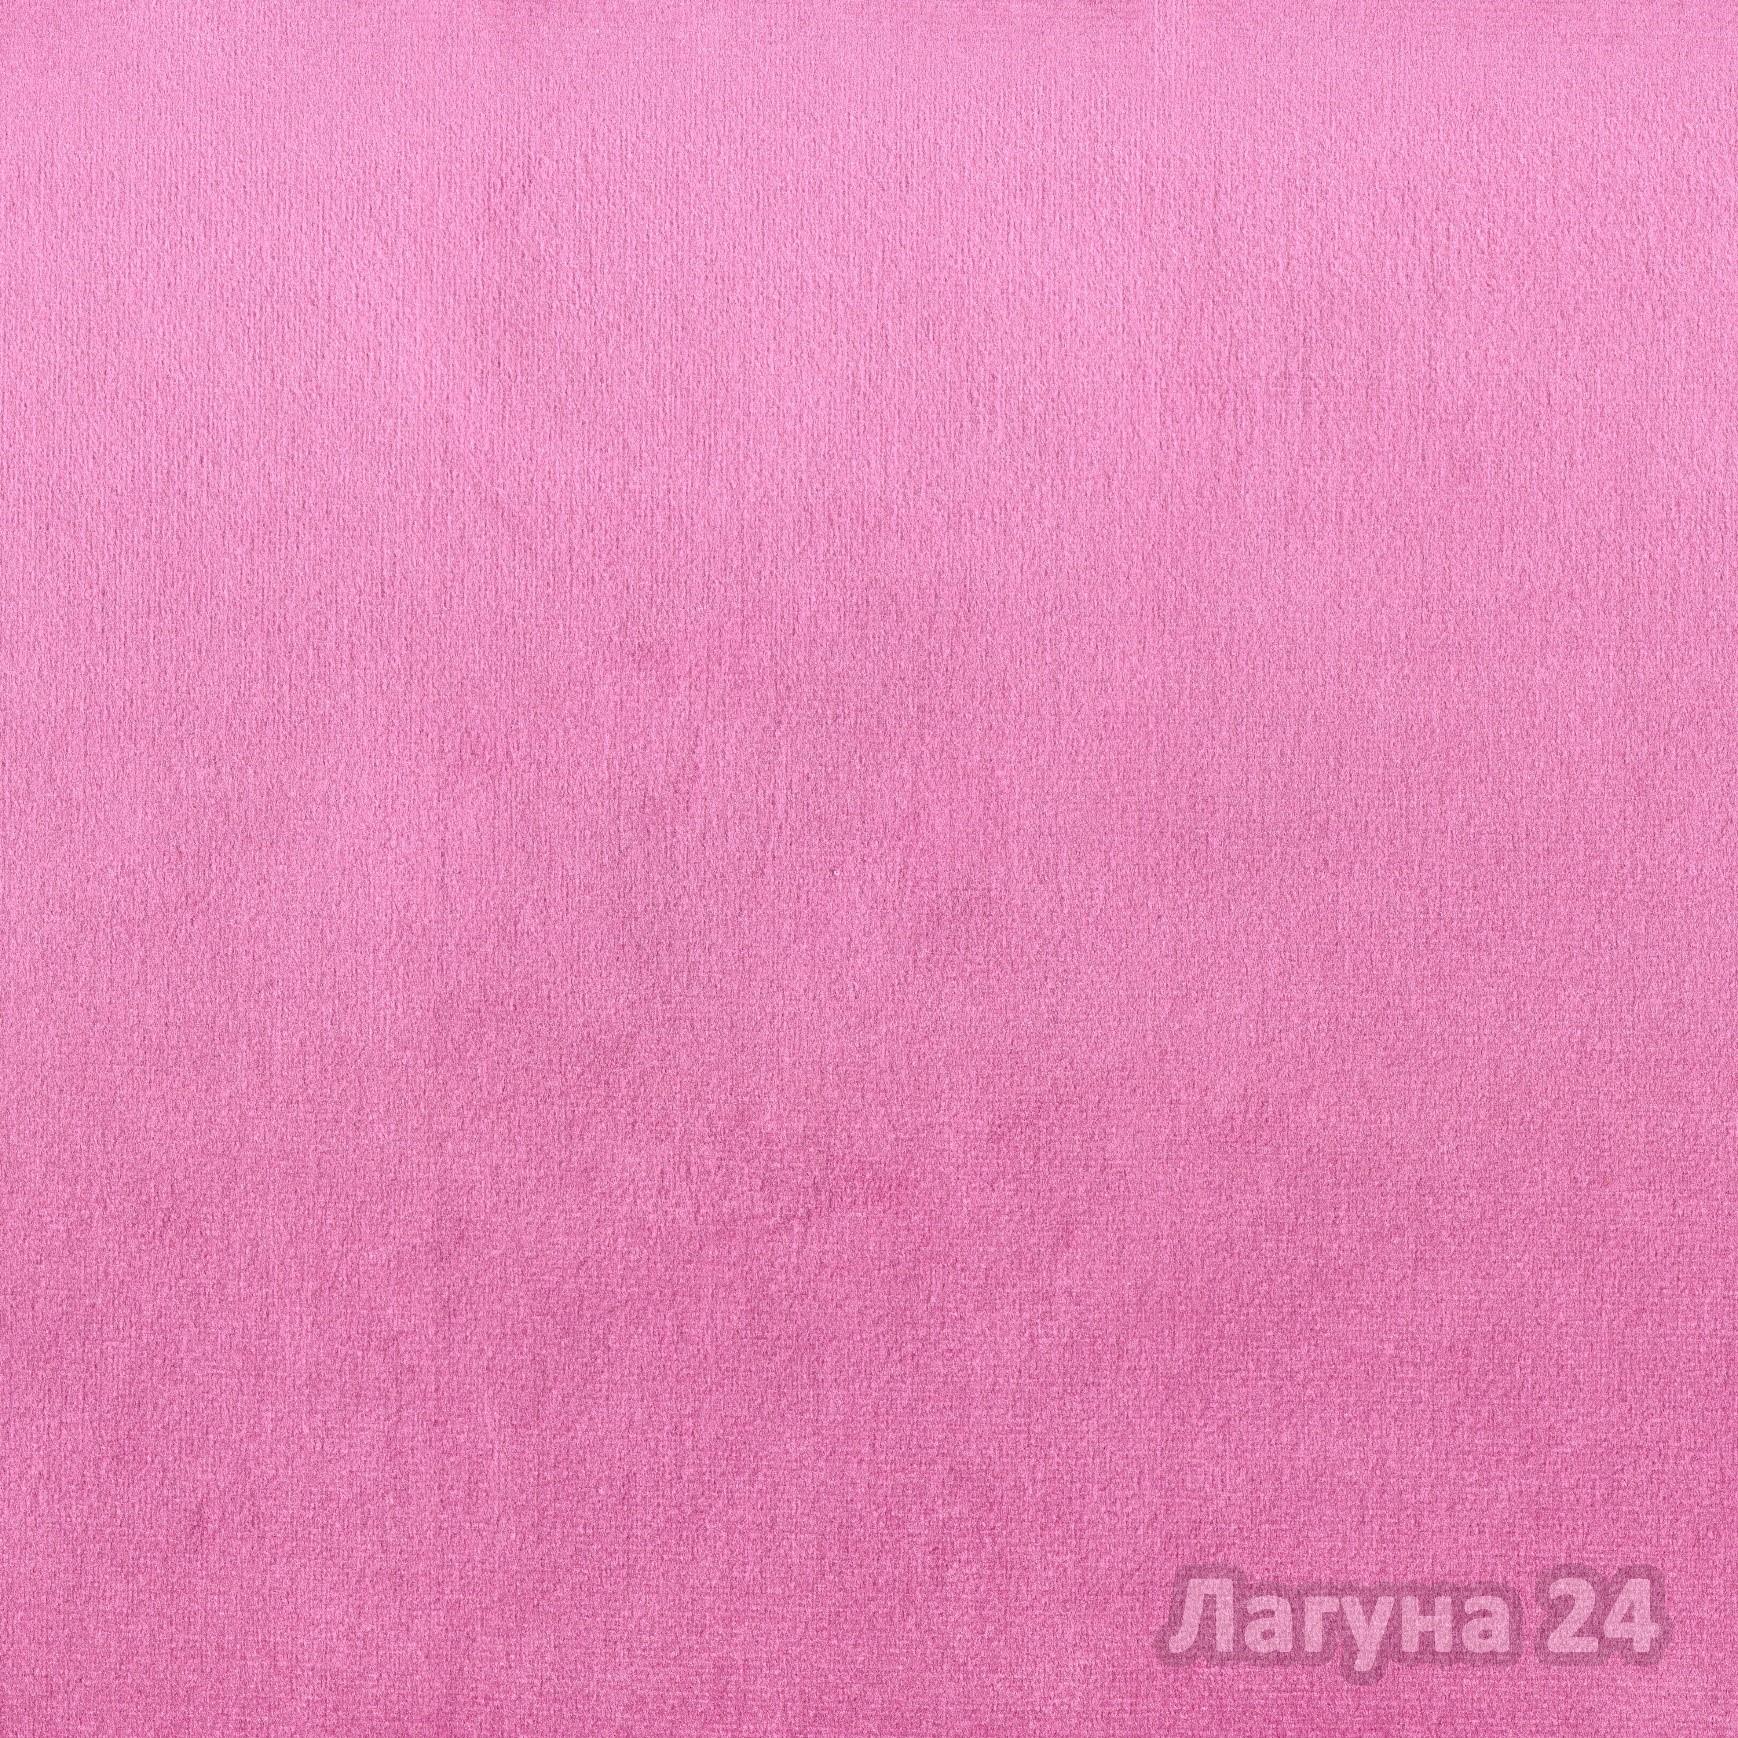 Коллекция ткани Лагуна 24,  купить ткань Велюр для мебели Украина